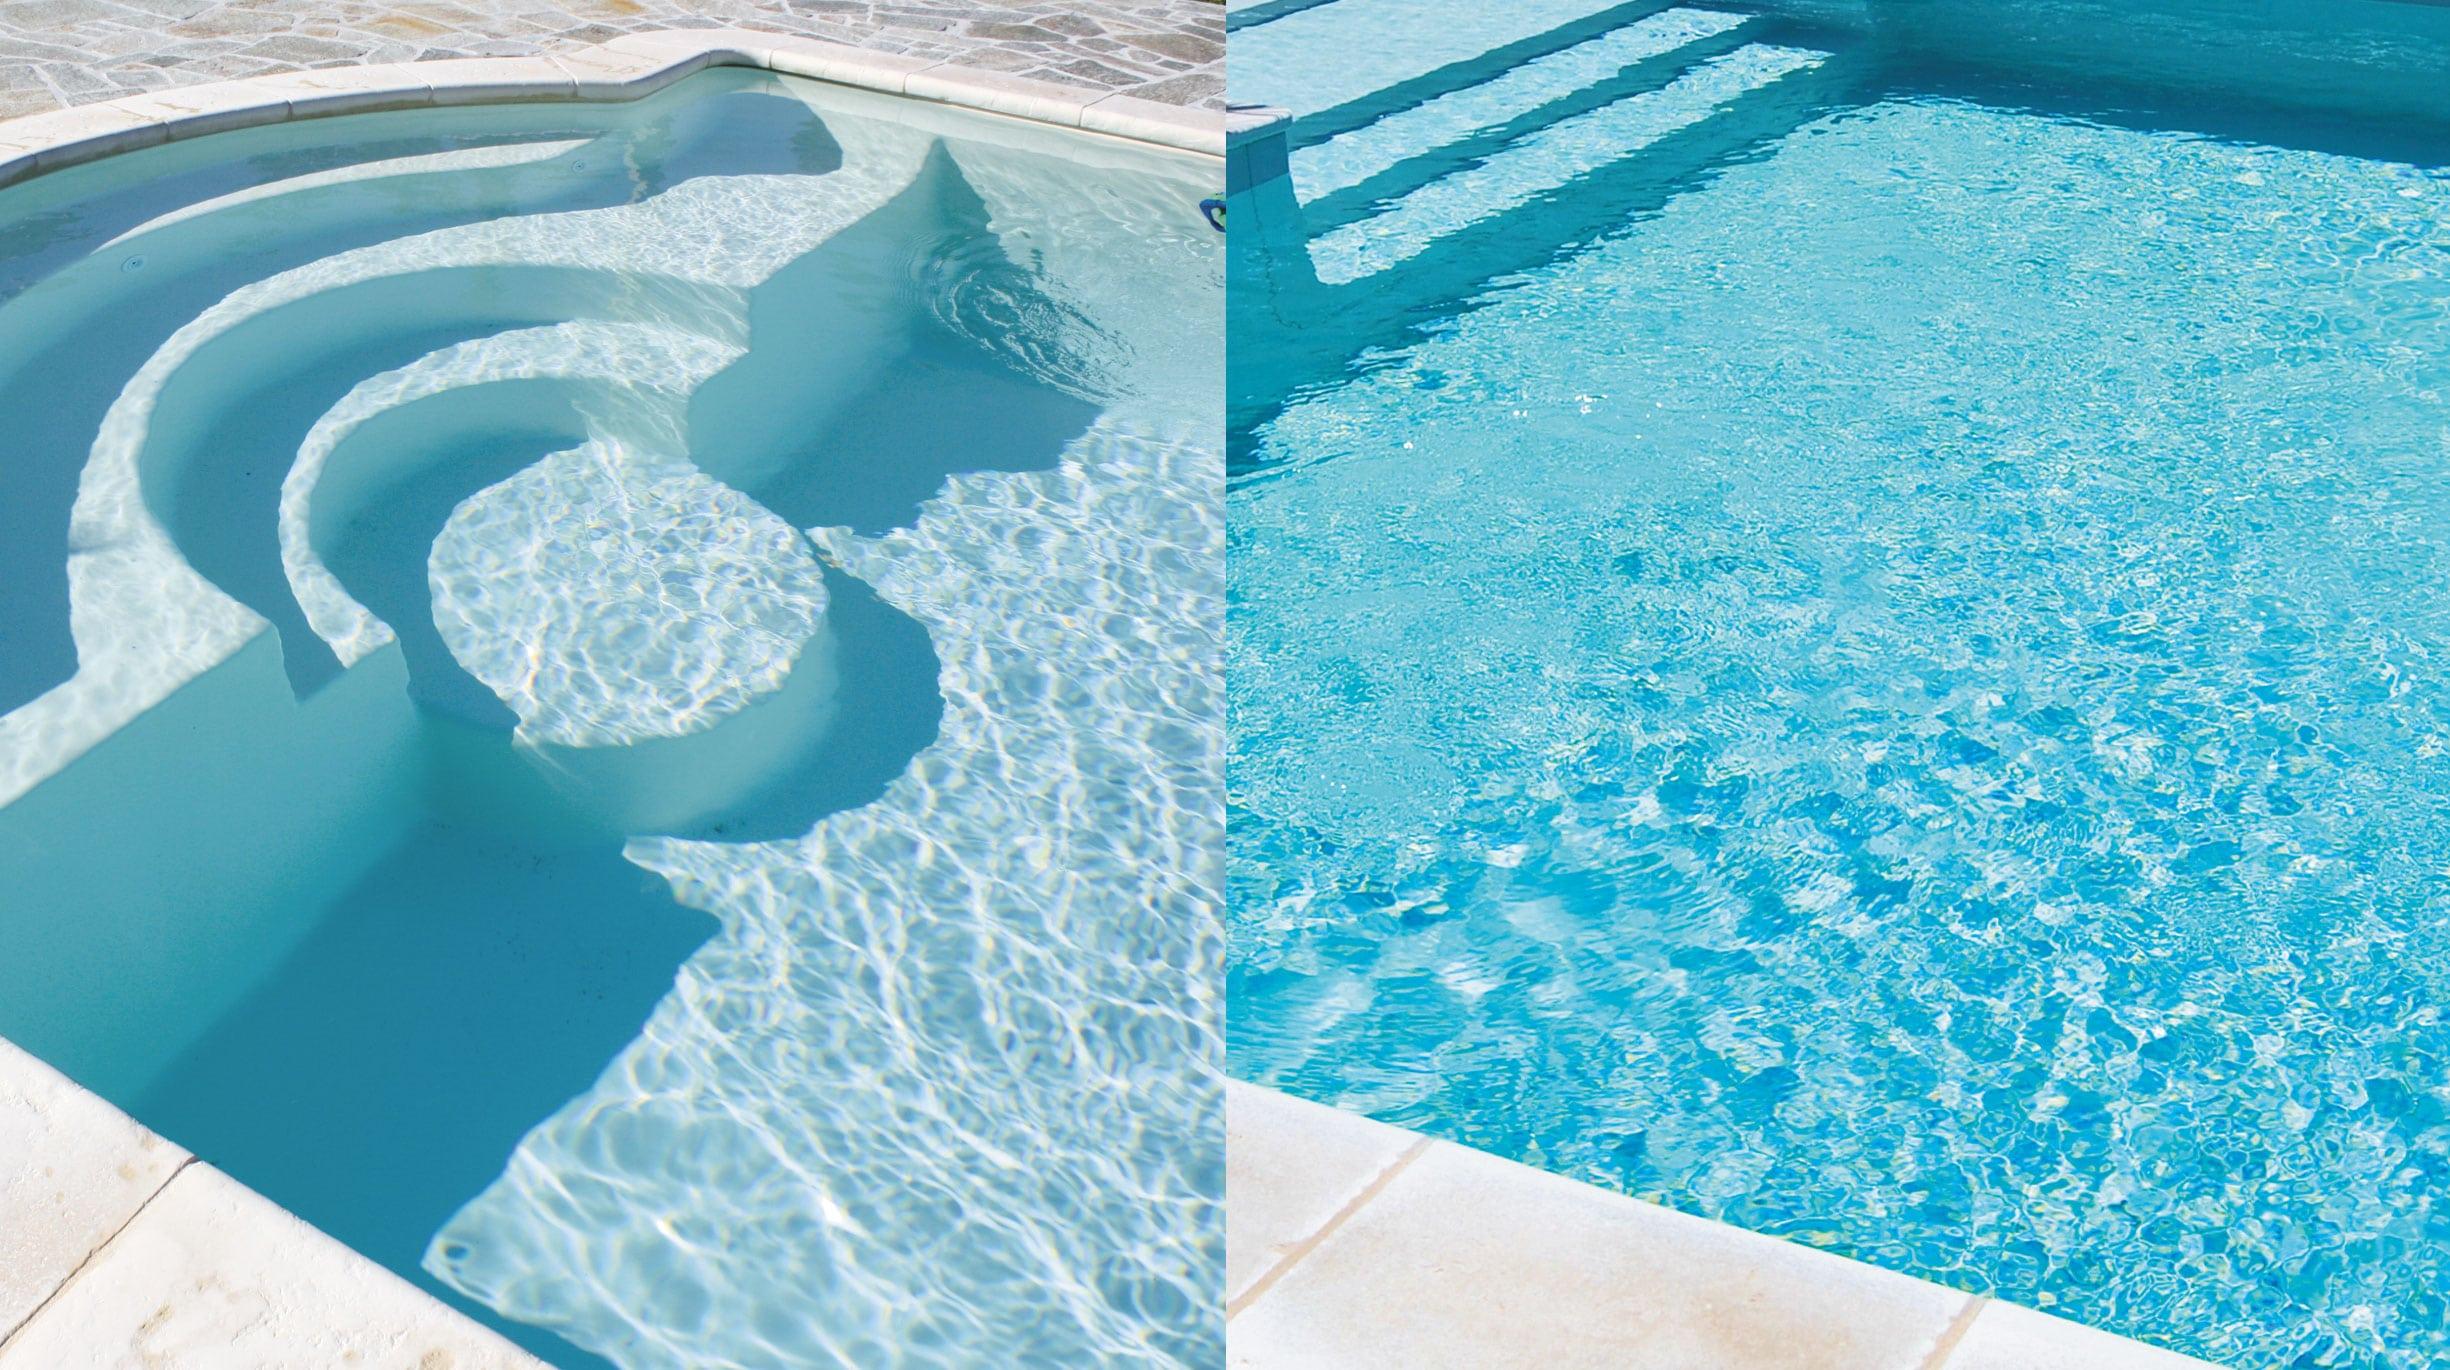 gp_couleurcoque_2 Choisir la couleur de sa piscine coque